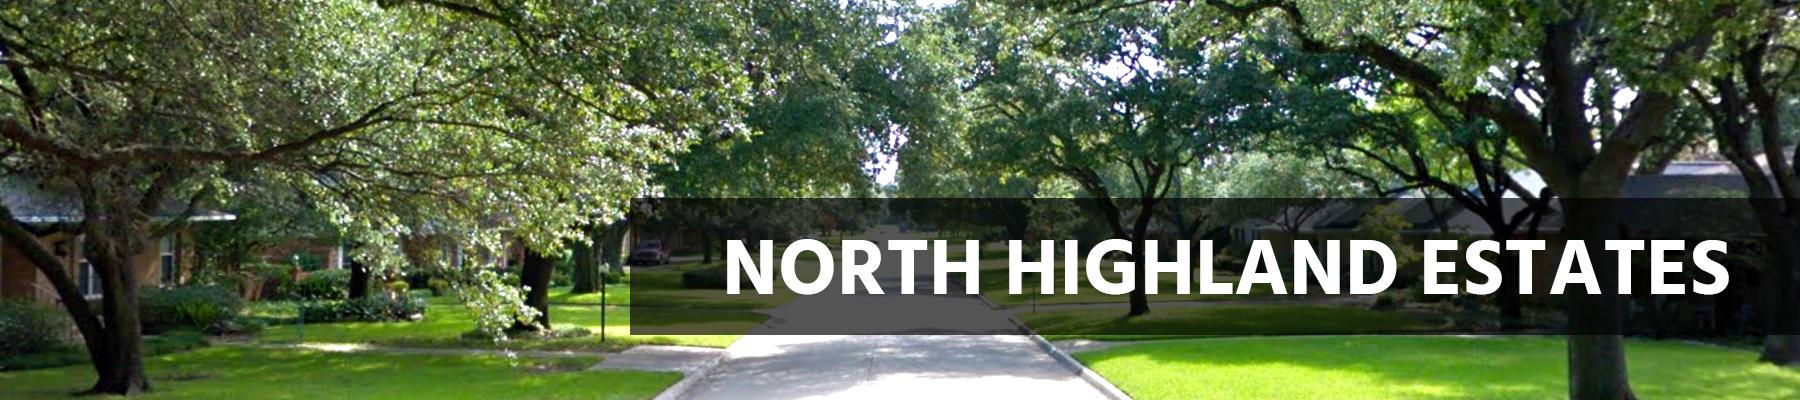 North Highland Estates_1.png